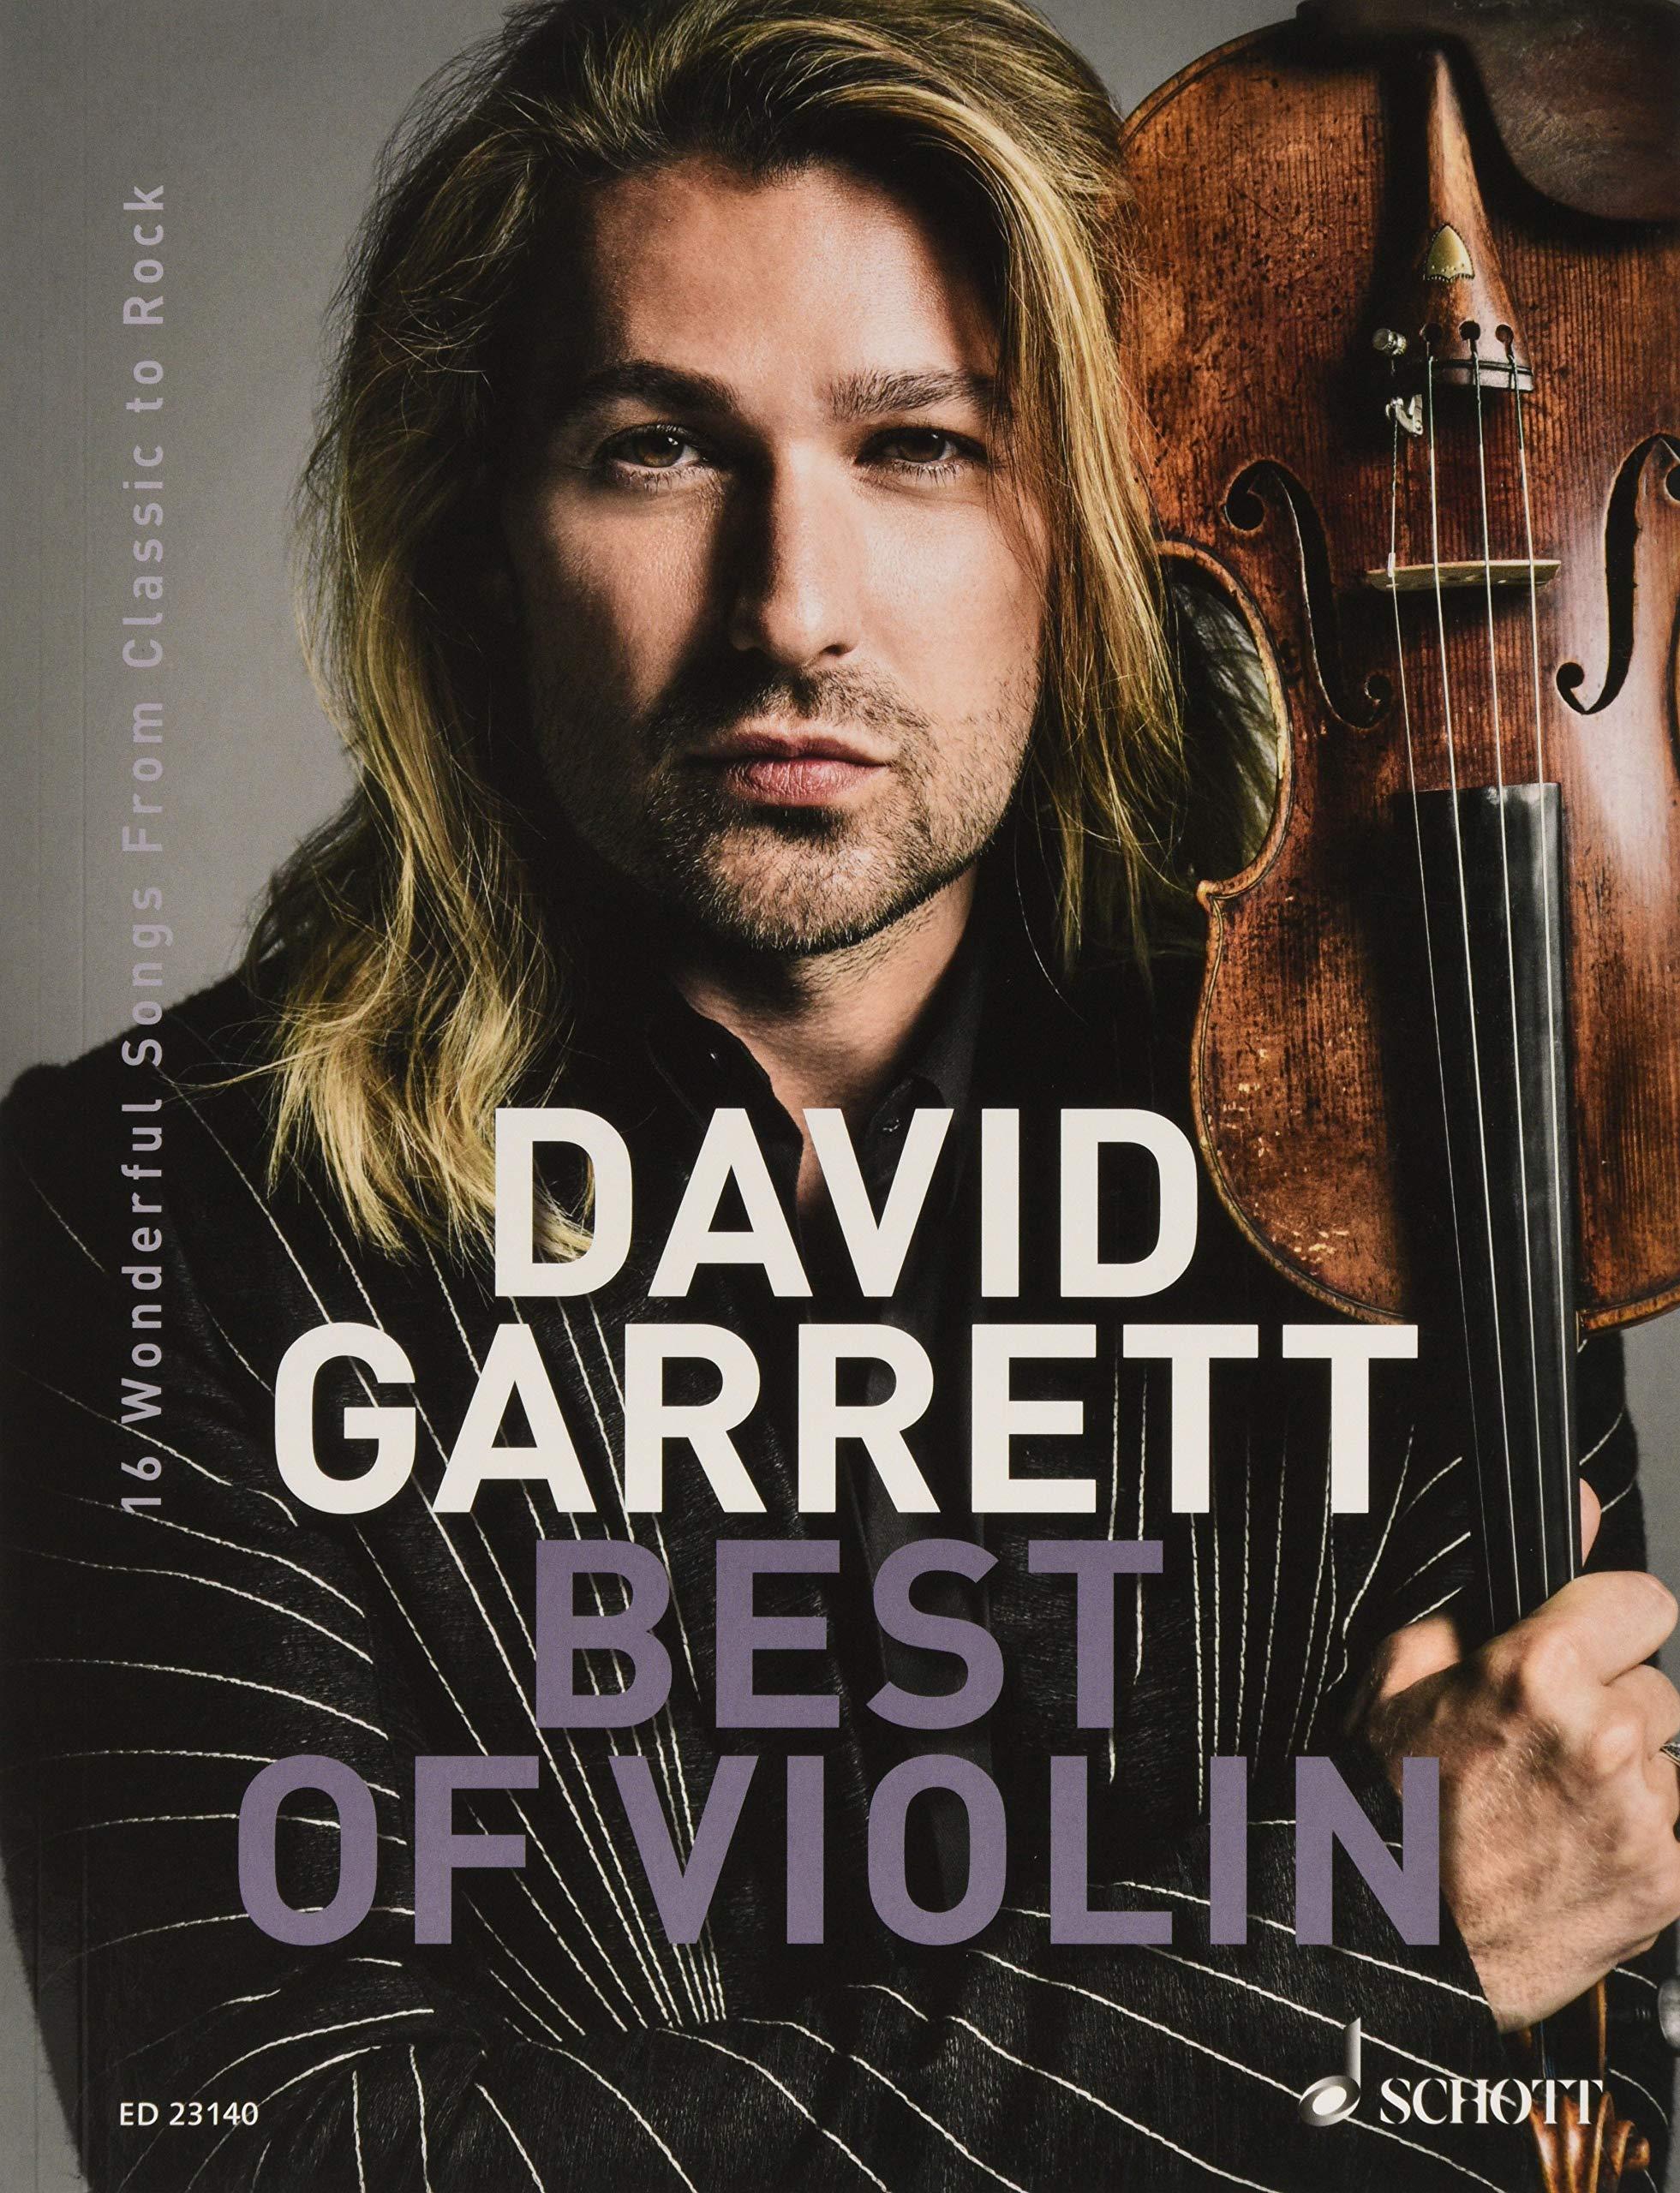 david garrett music mp3 free download